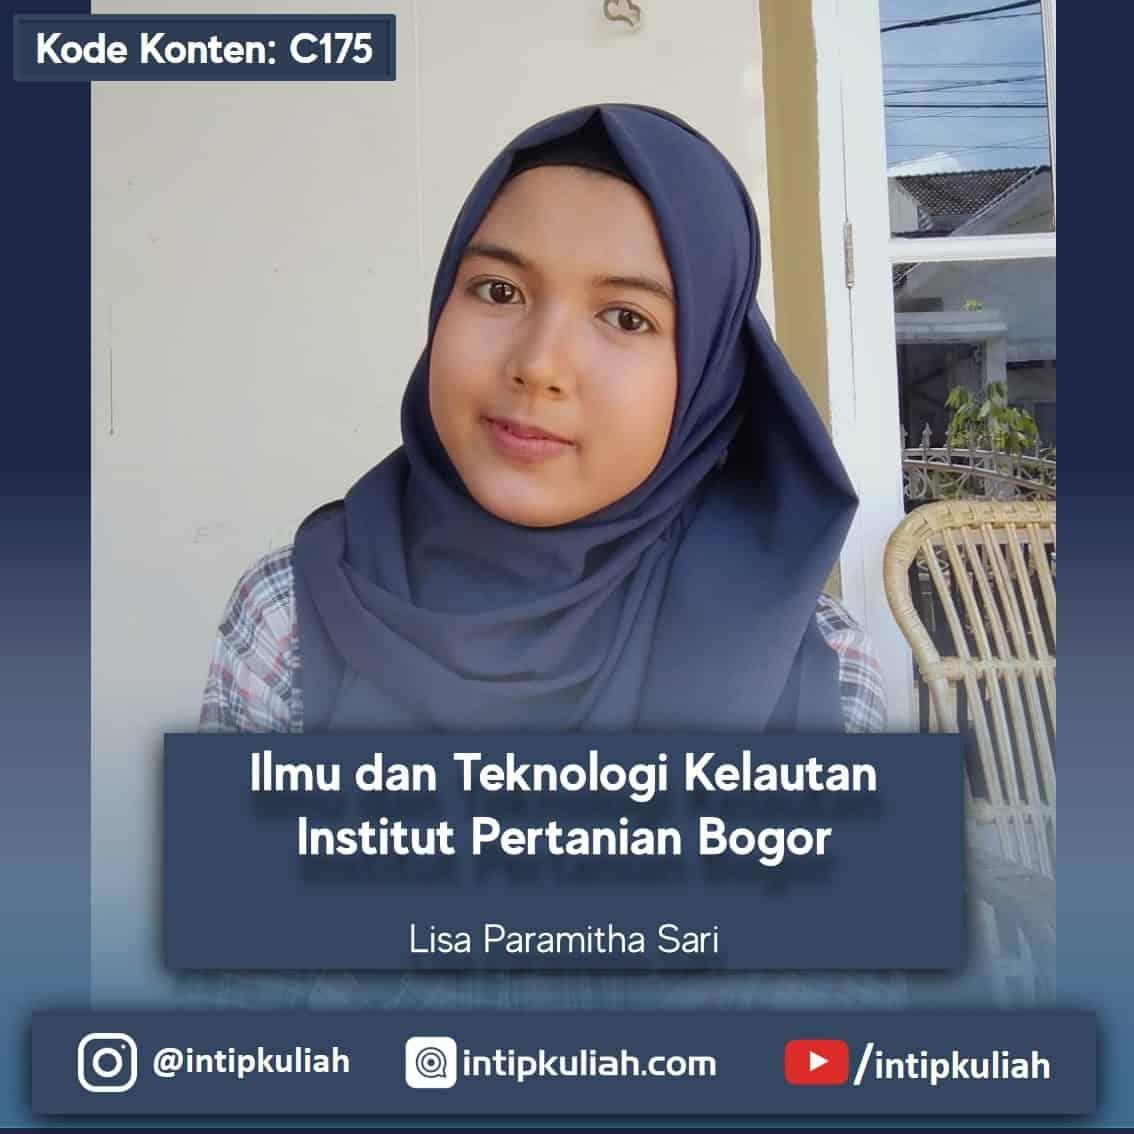 Ilmu dan Teknologi Kelautan IPB (Lisa)